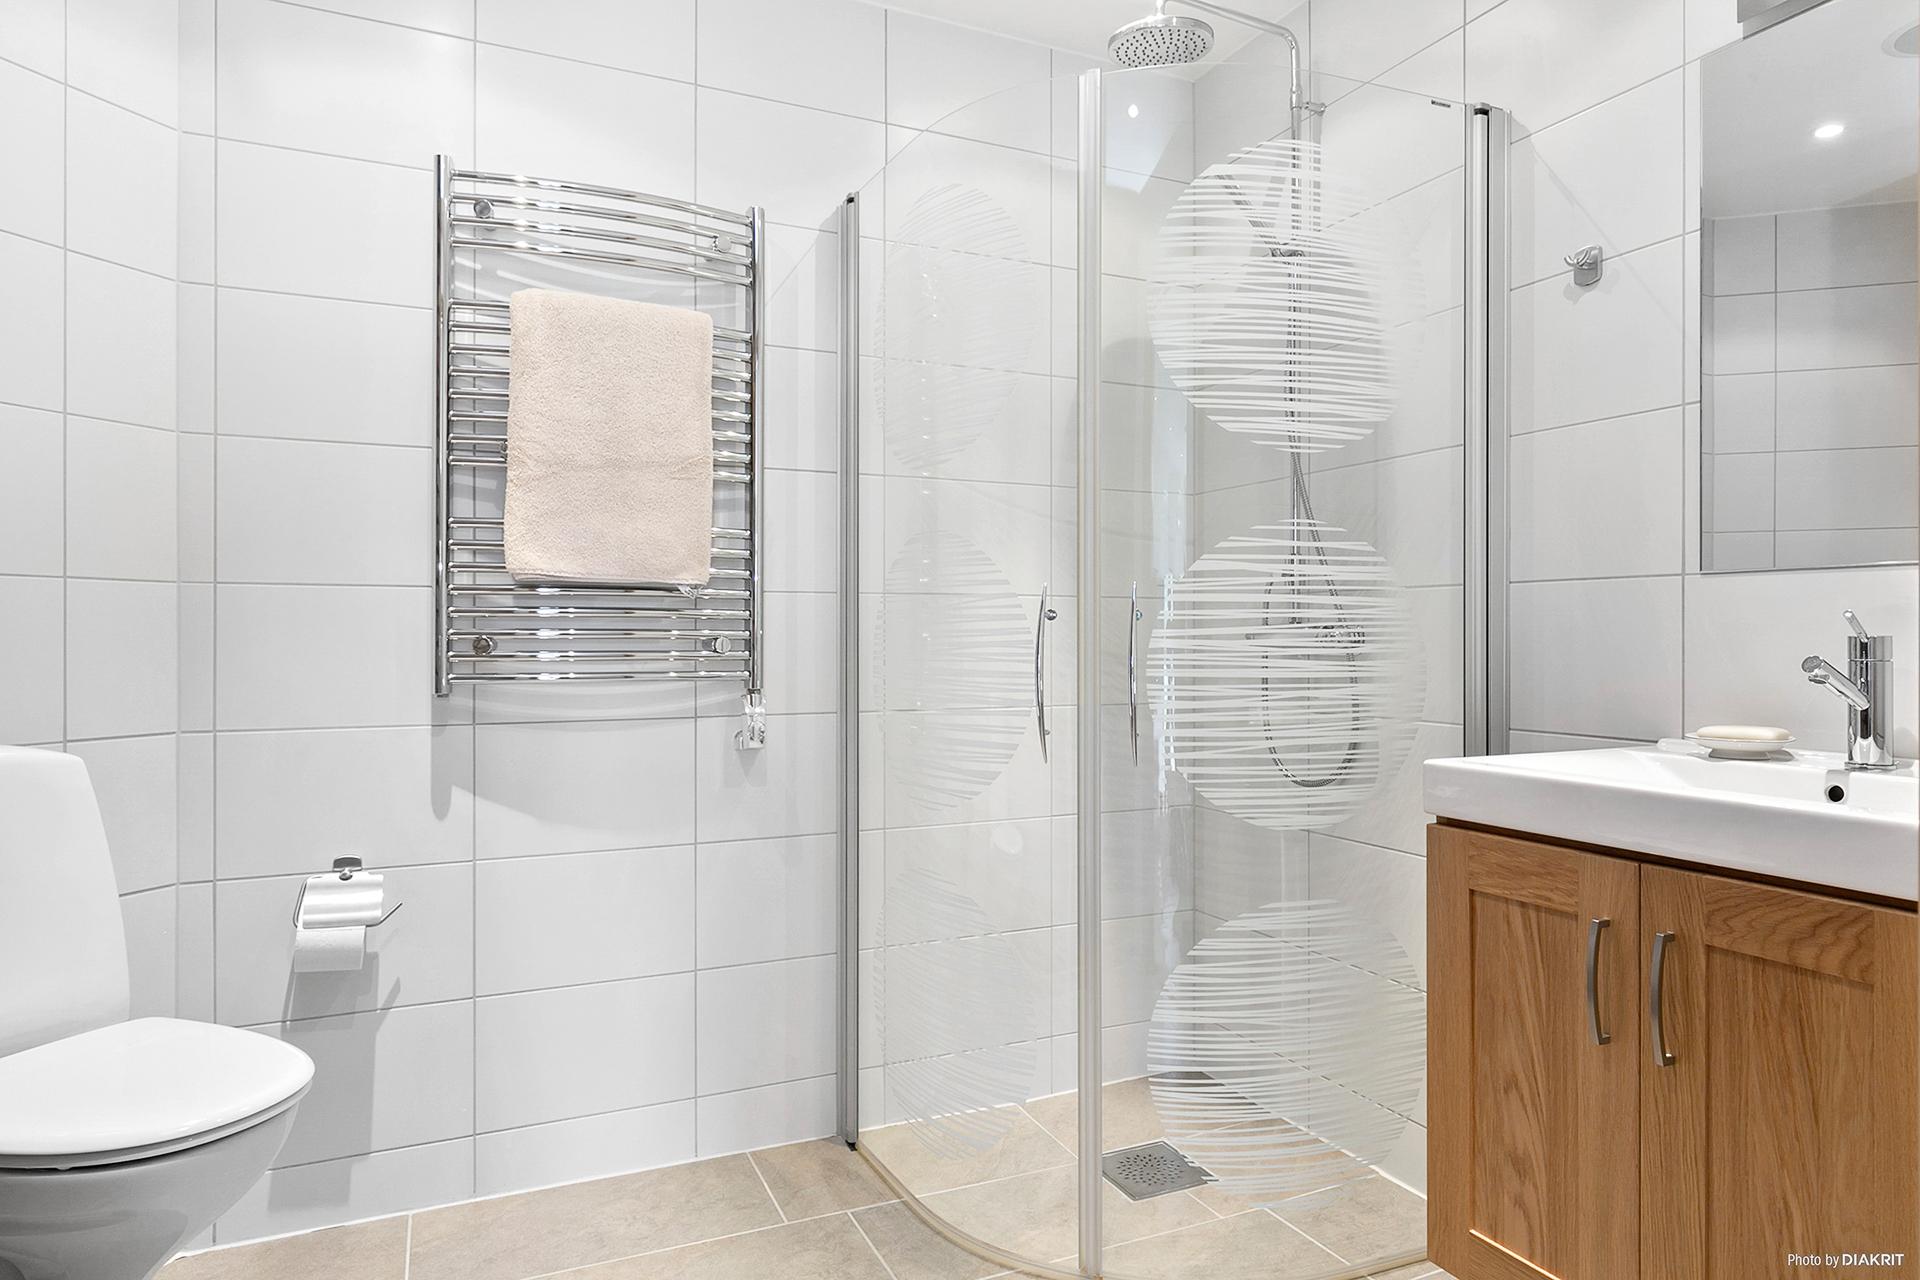 Badrum med dusch, handdukstork, wc, spegelskåp och tvättställ med komod.